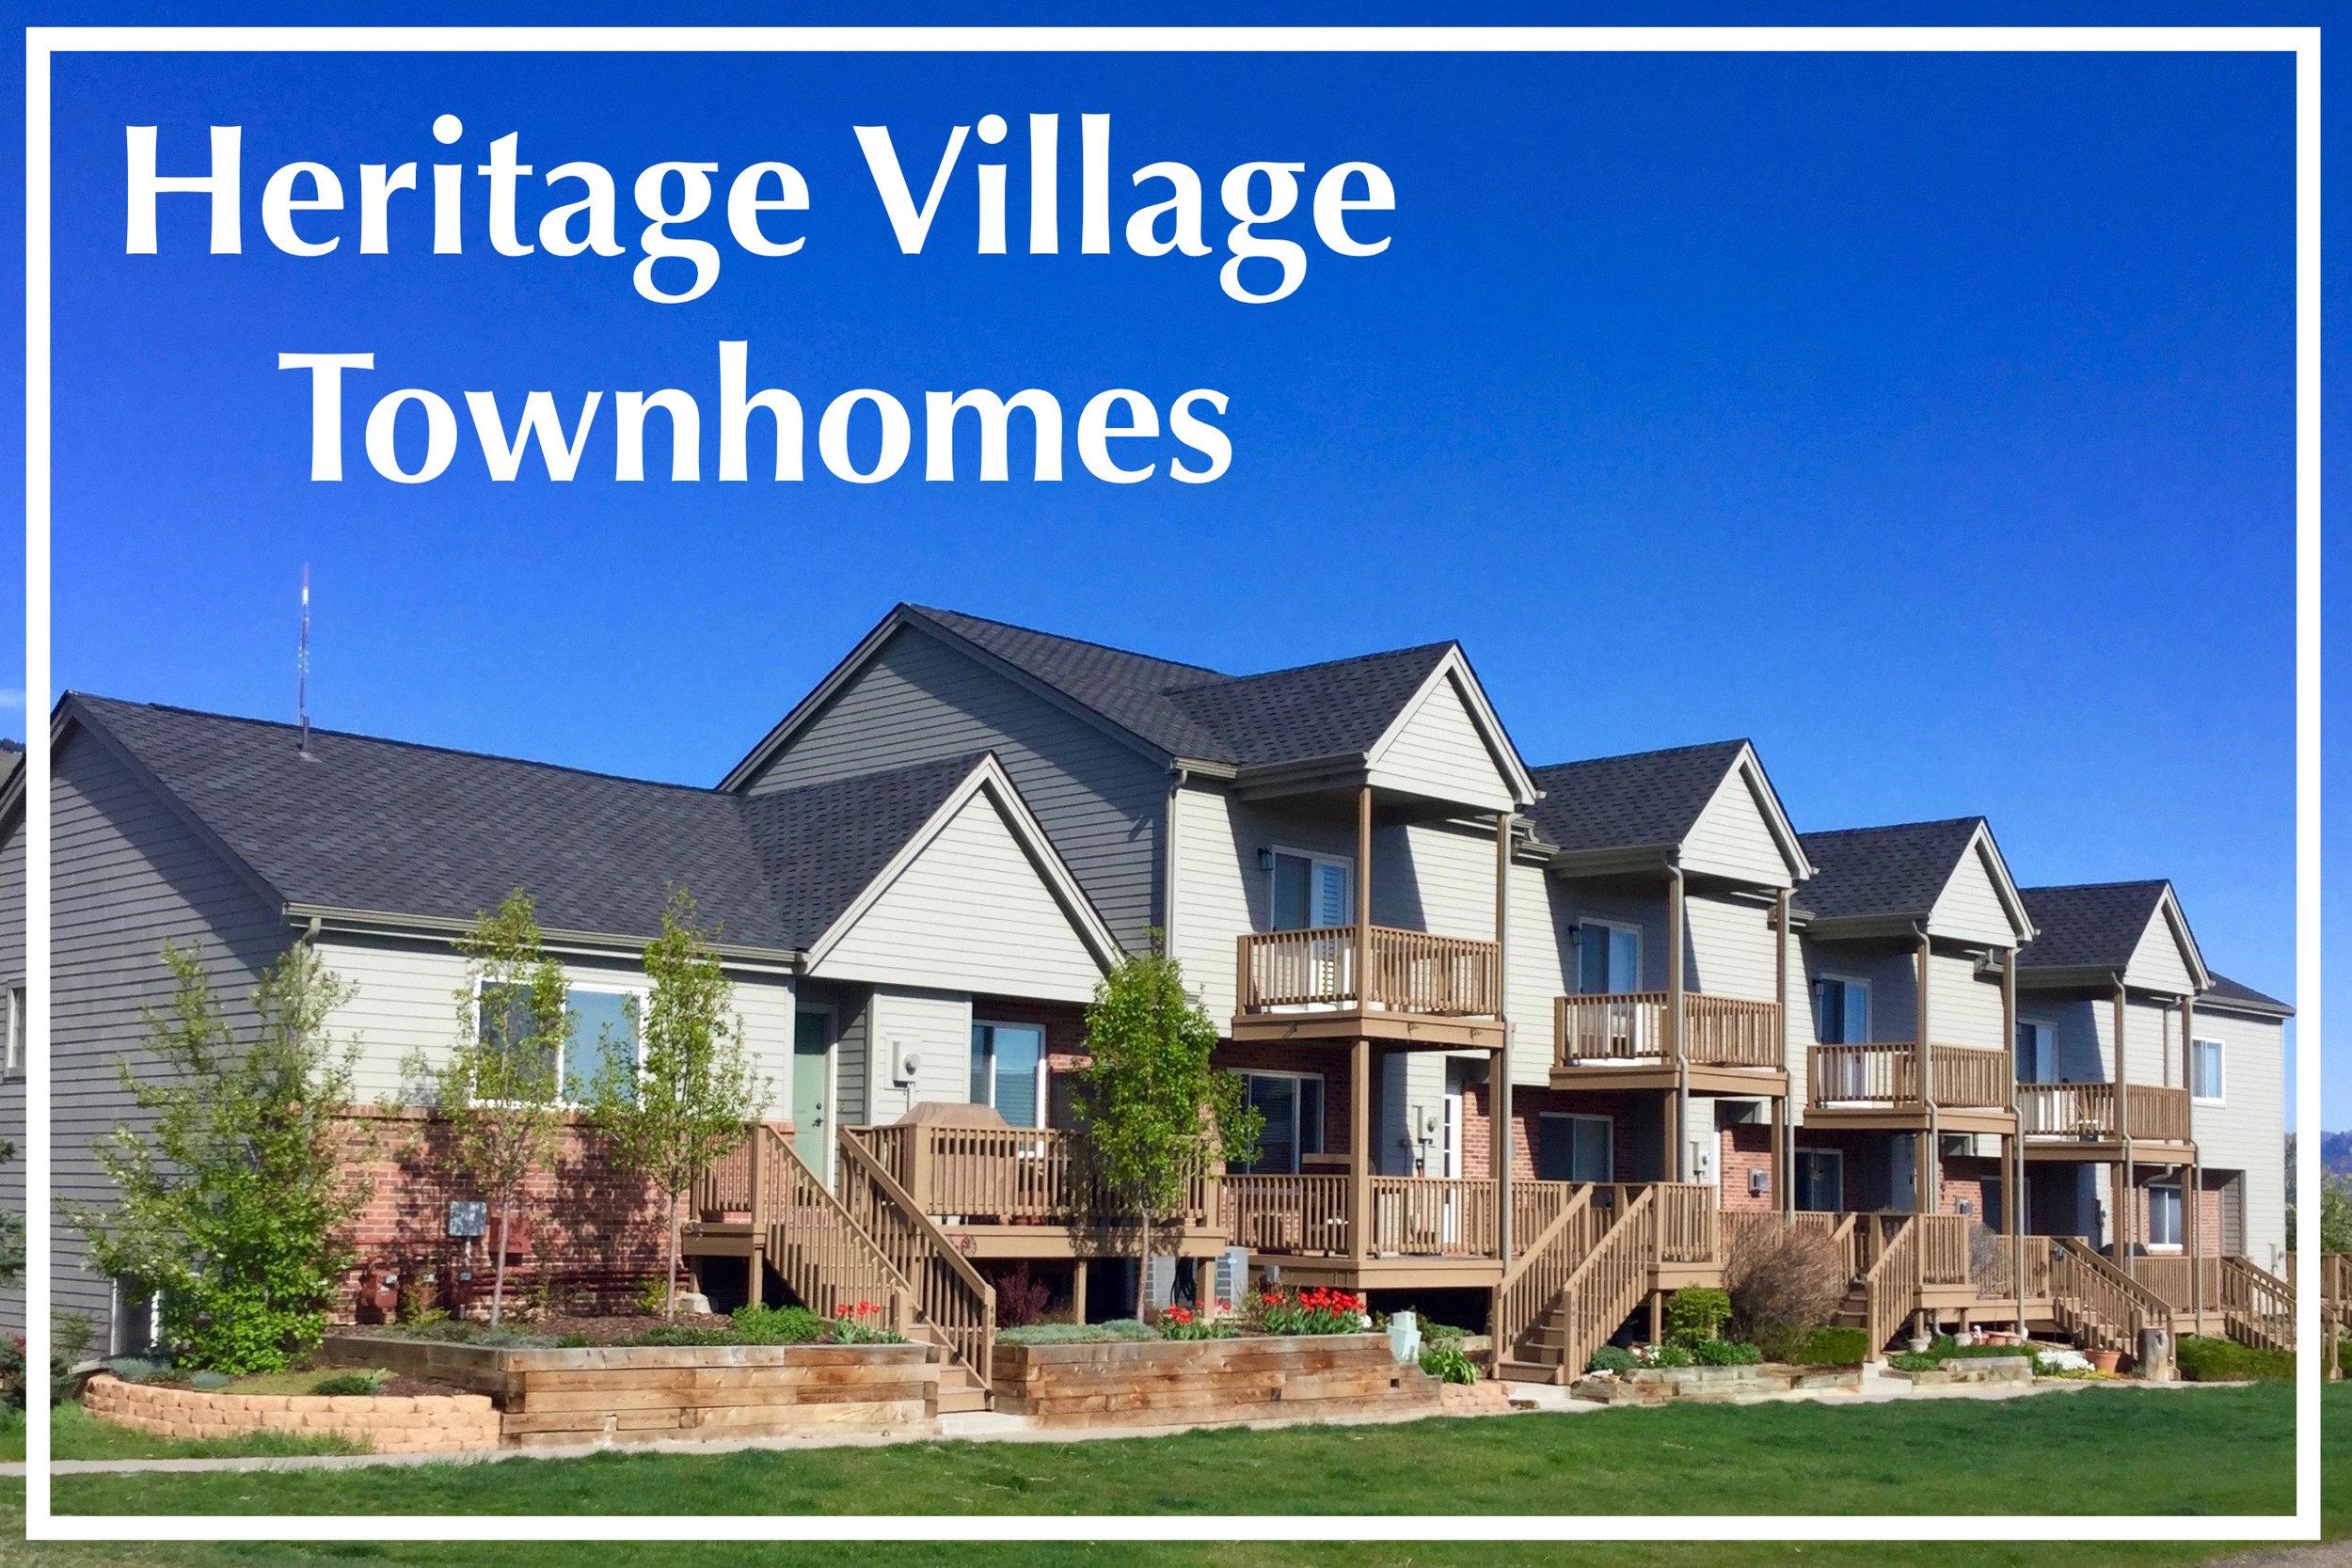 Heritage Village Townhomes.jpg